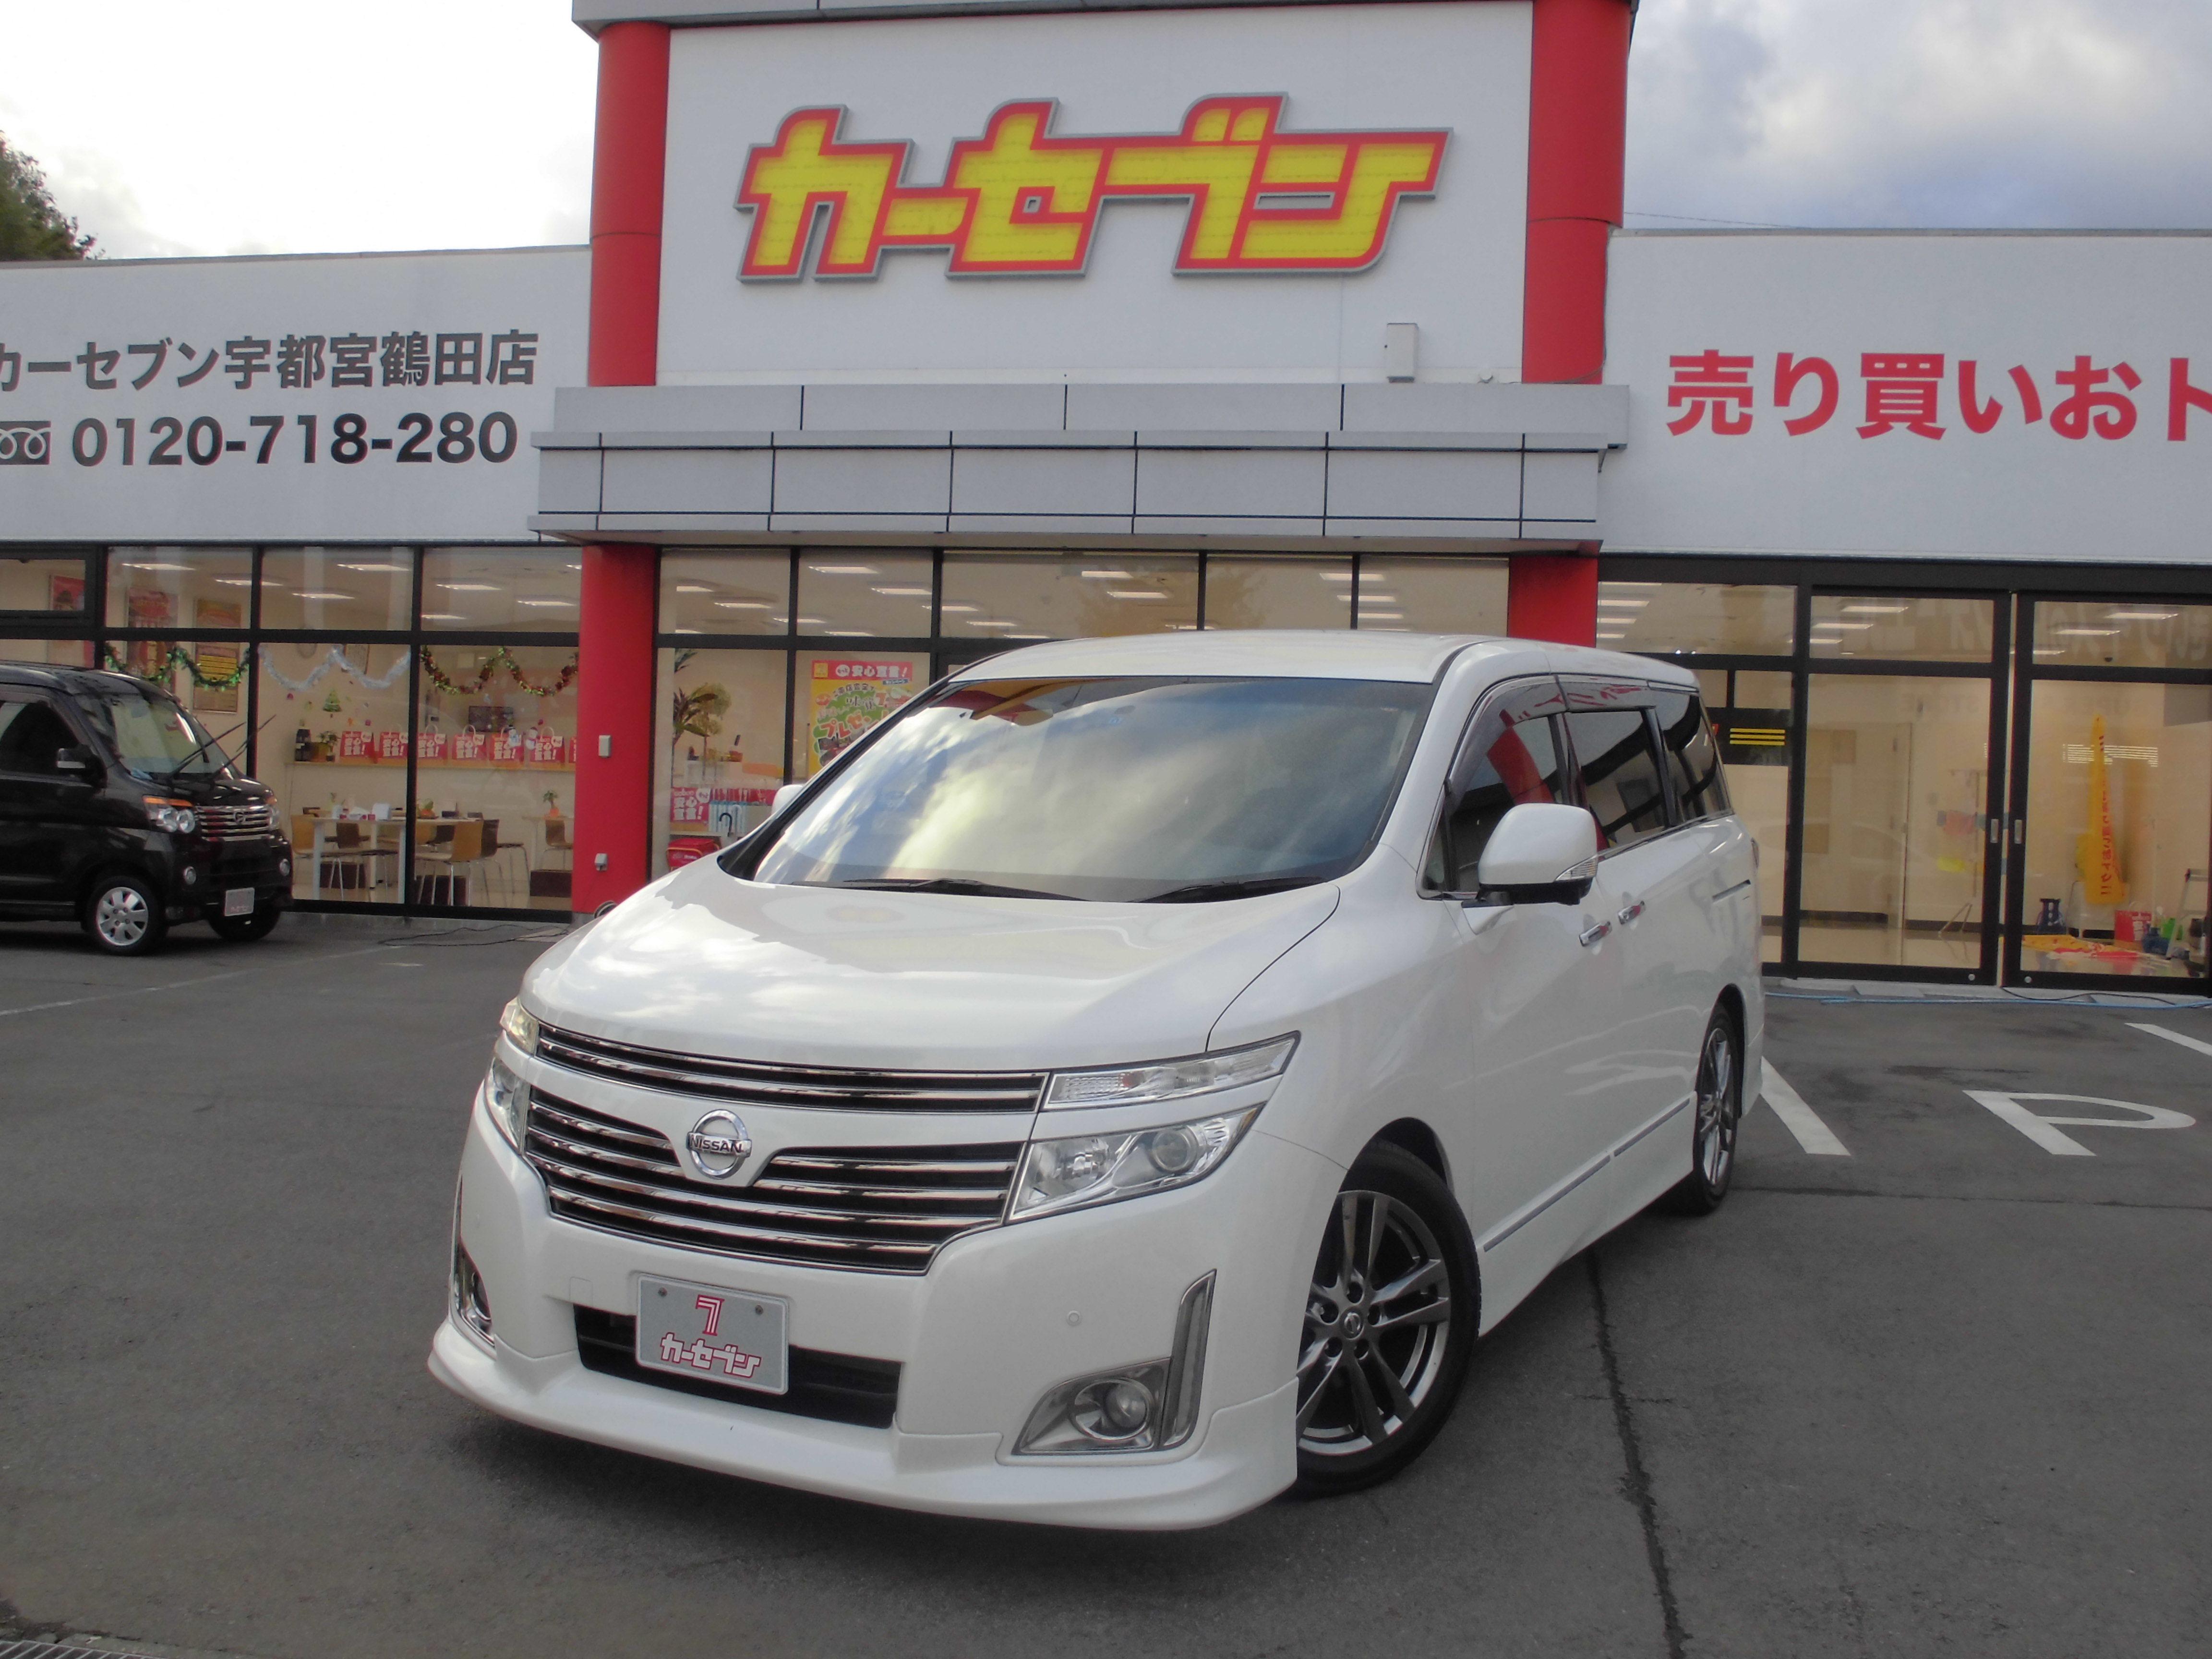 sales ta nissan catalogue pbt sale trinidad the for almera car